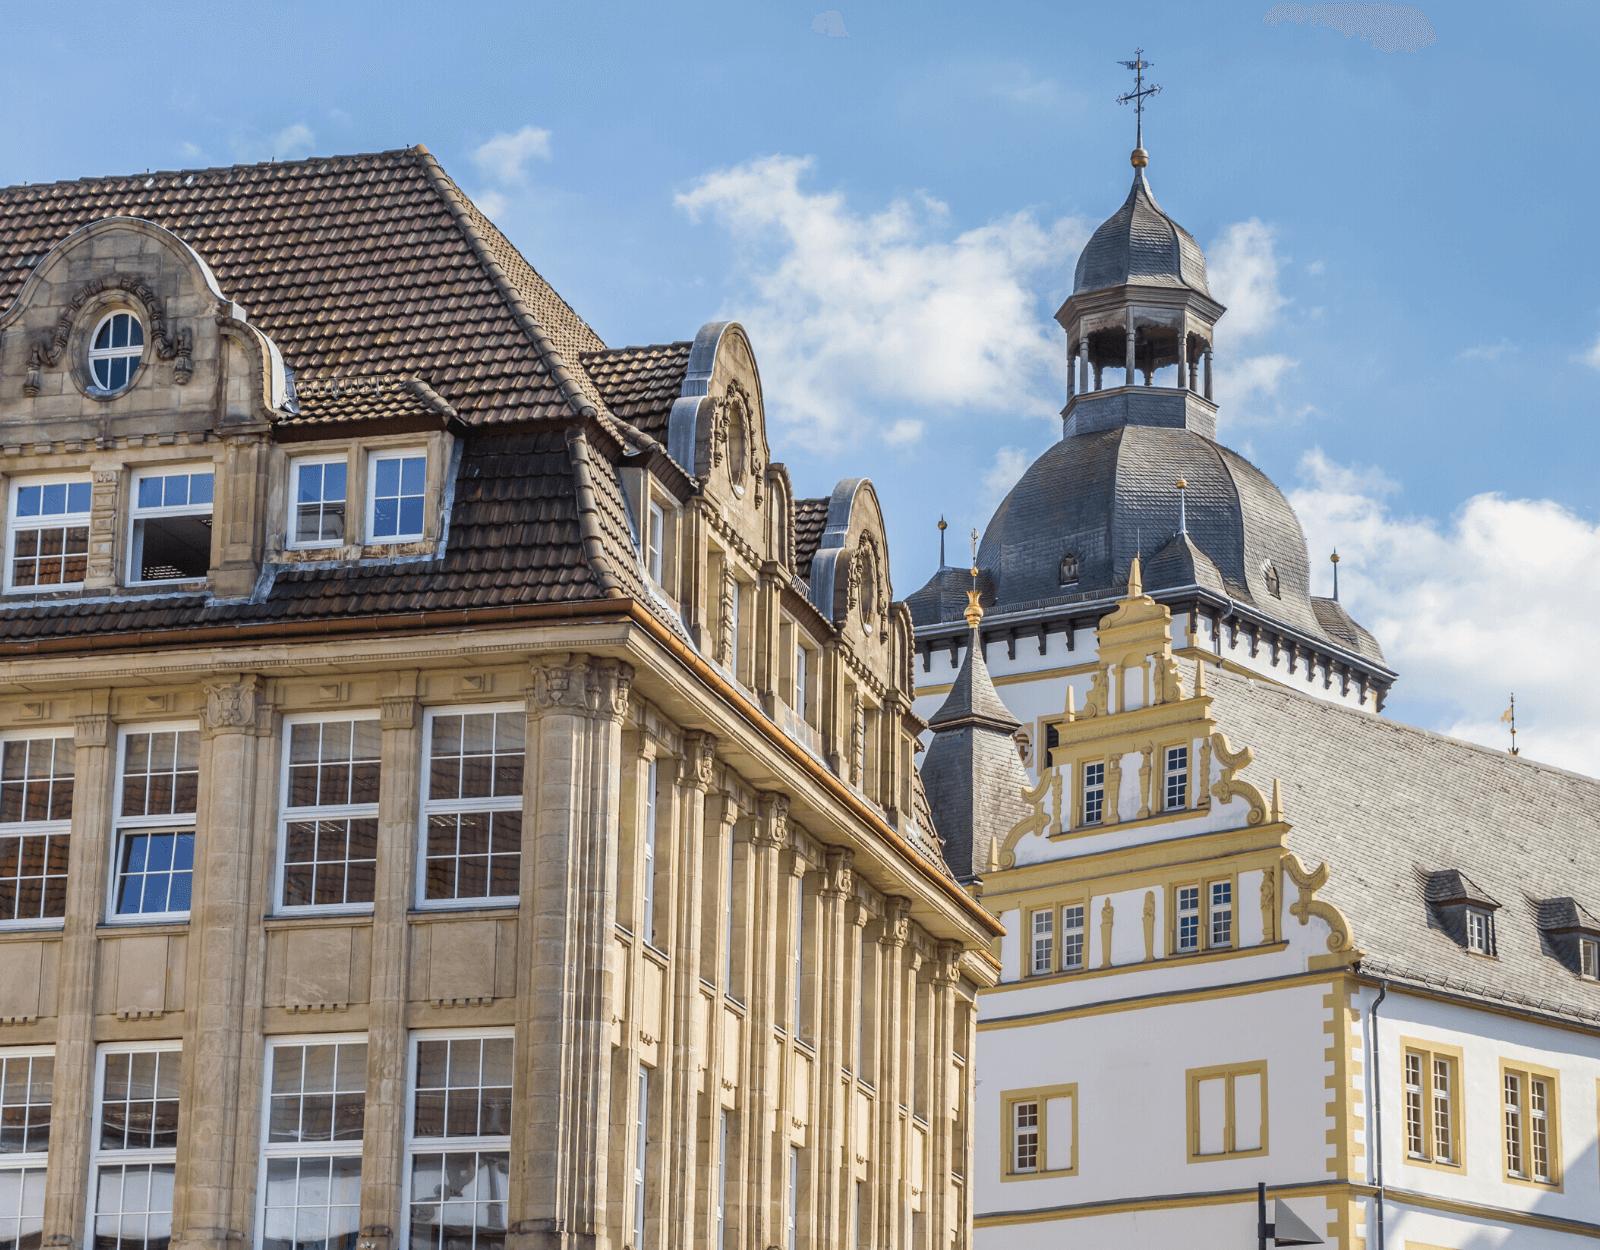 Historische Gebäude in Zentrum Paderborn_ Tante Emma bei SRTI